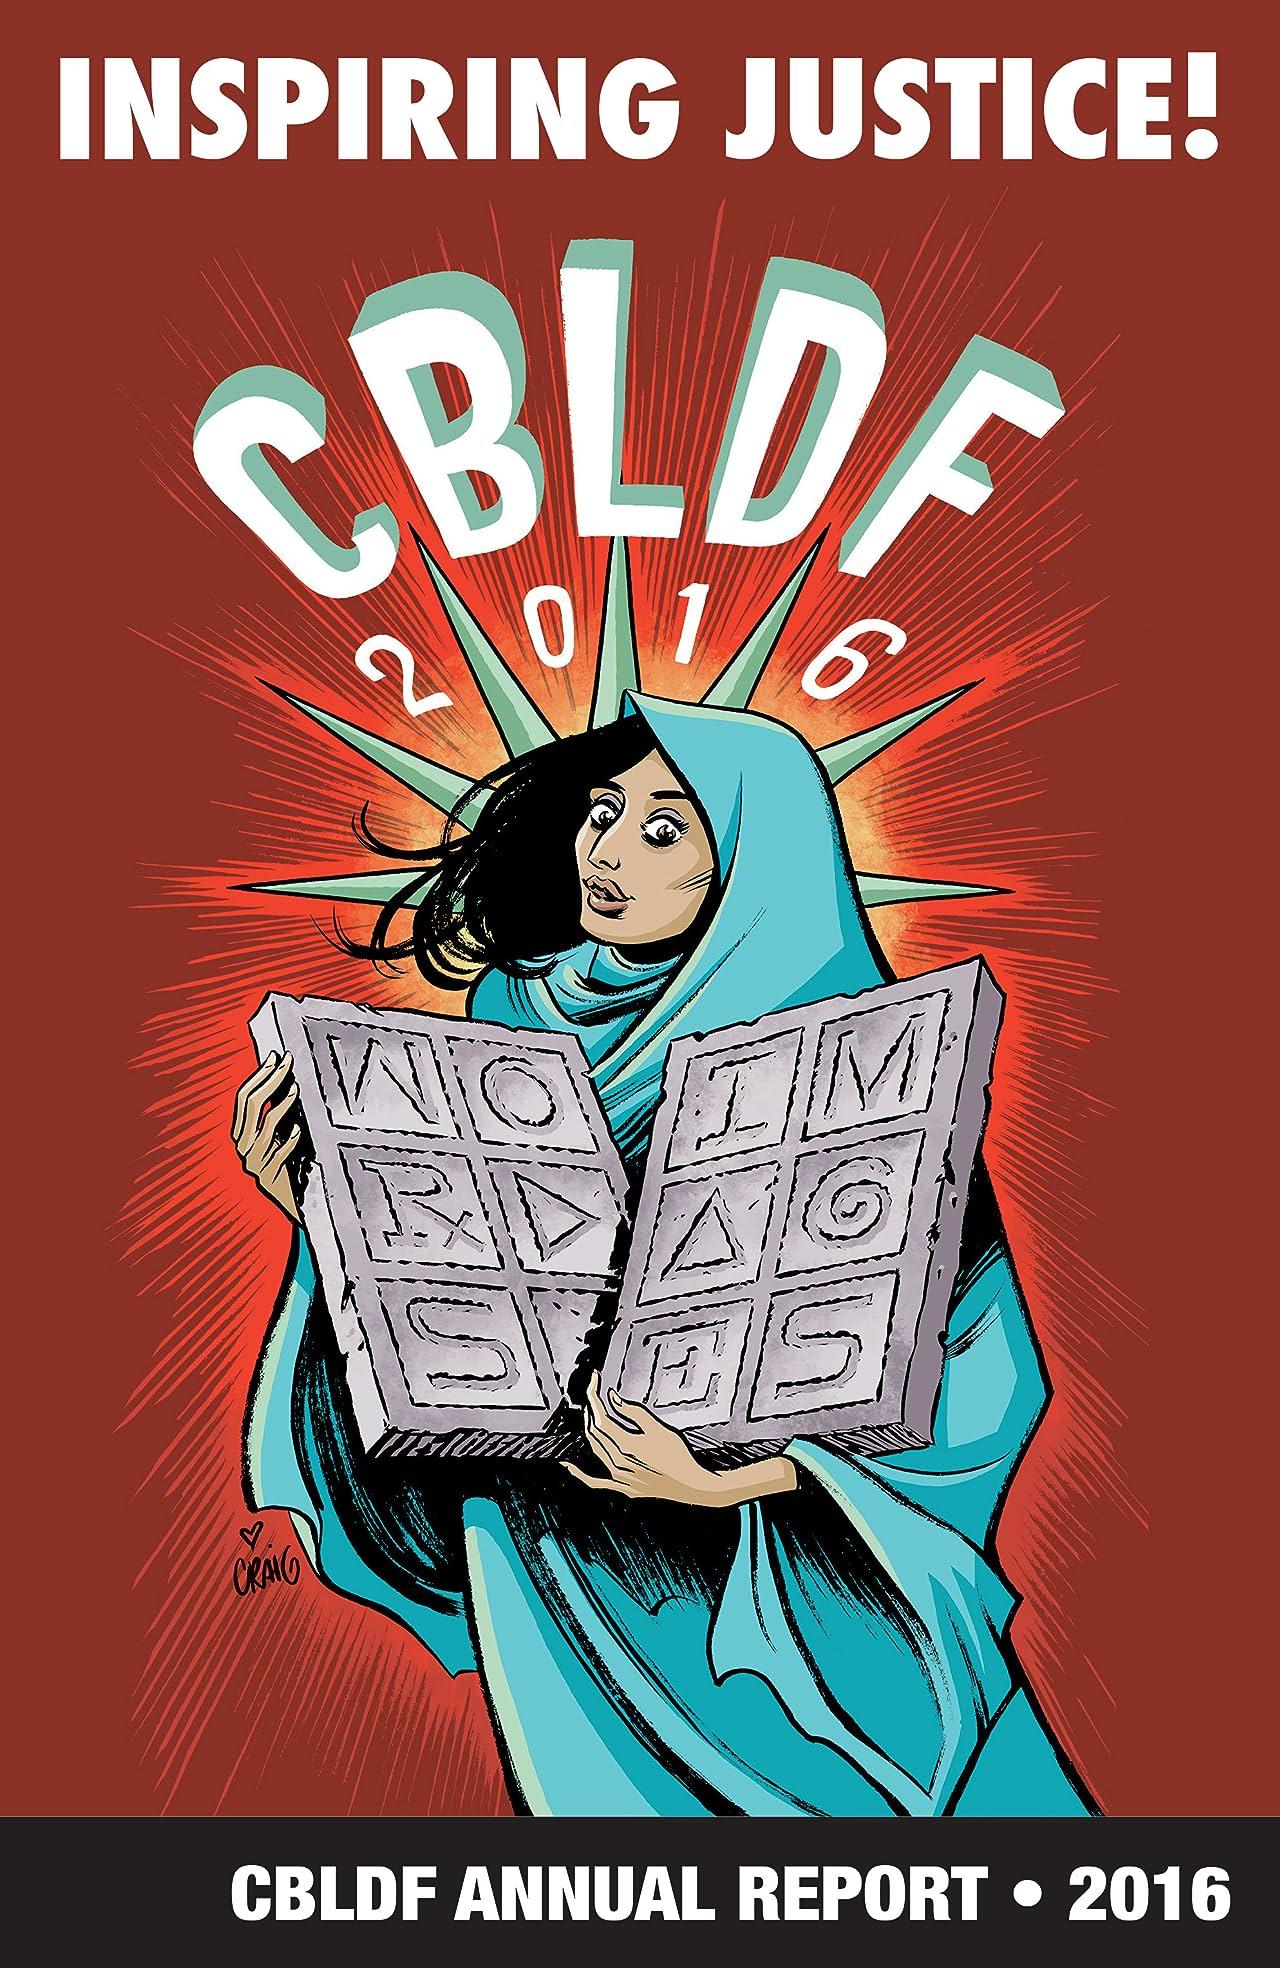 CBLDF Annual Report 2016